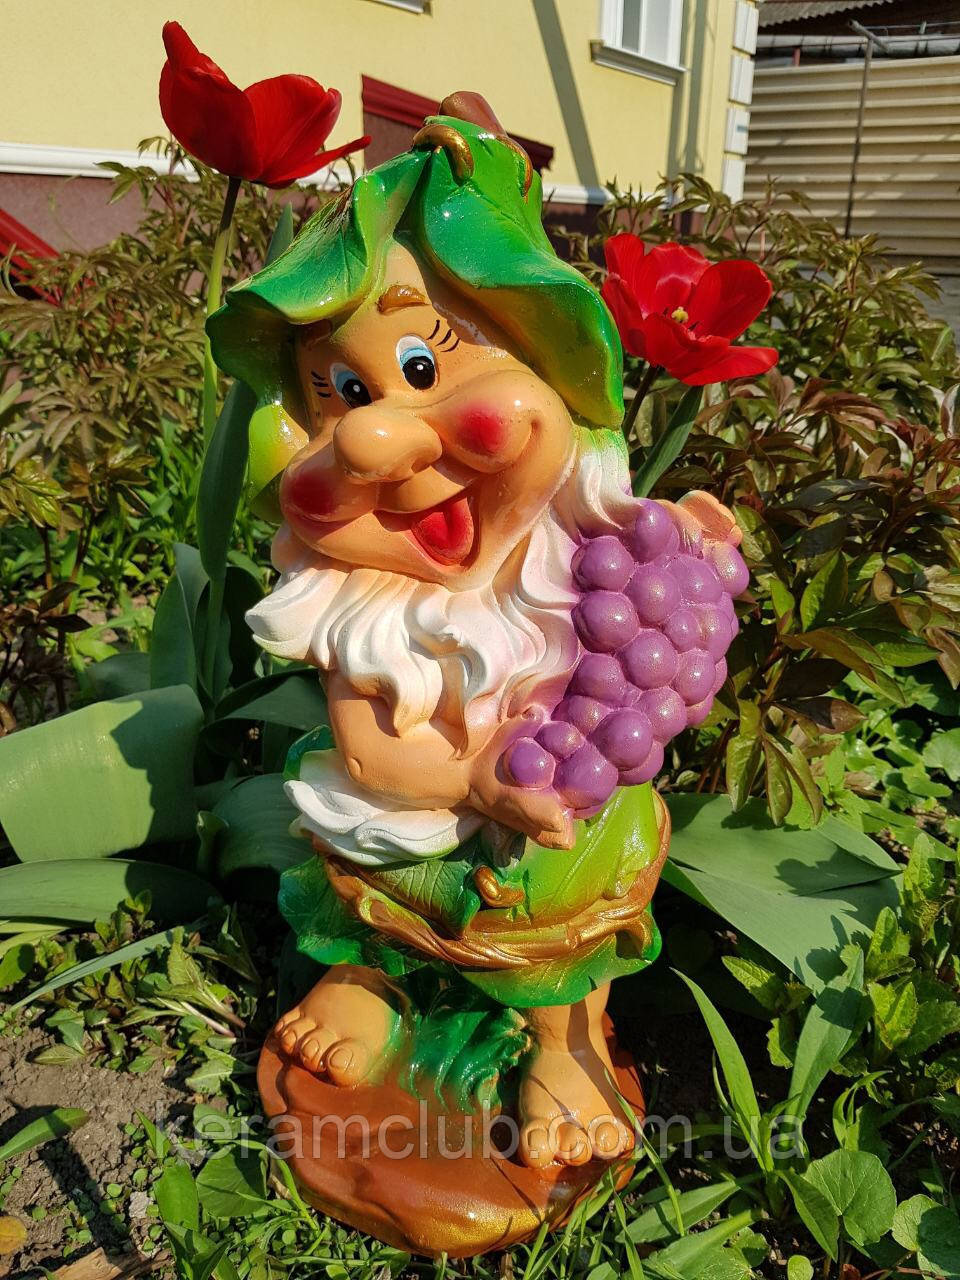 Садовая фигура: гномик с виноградом